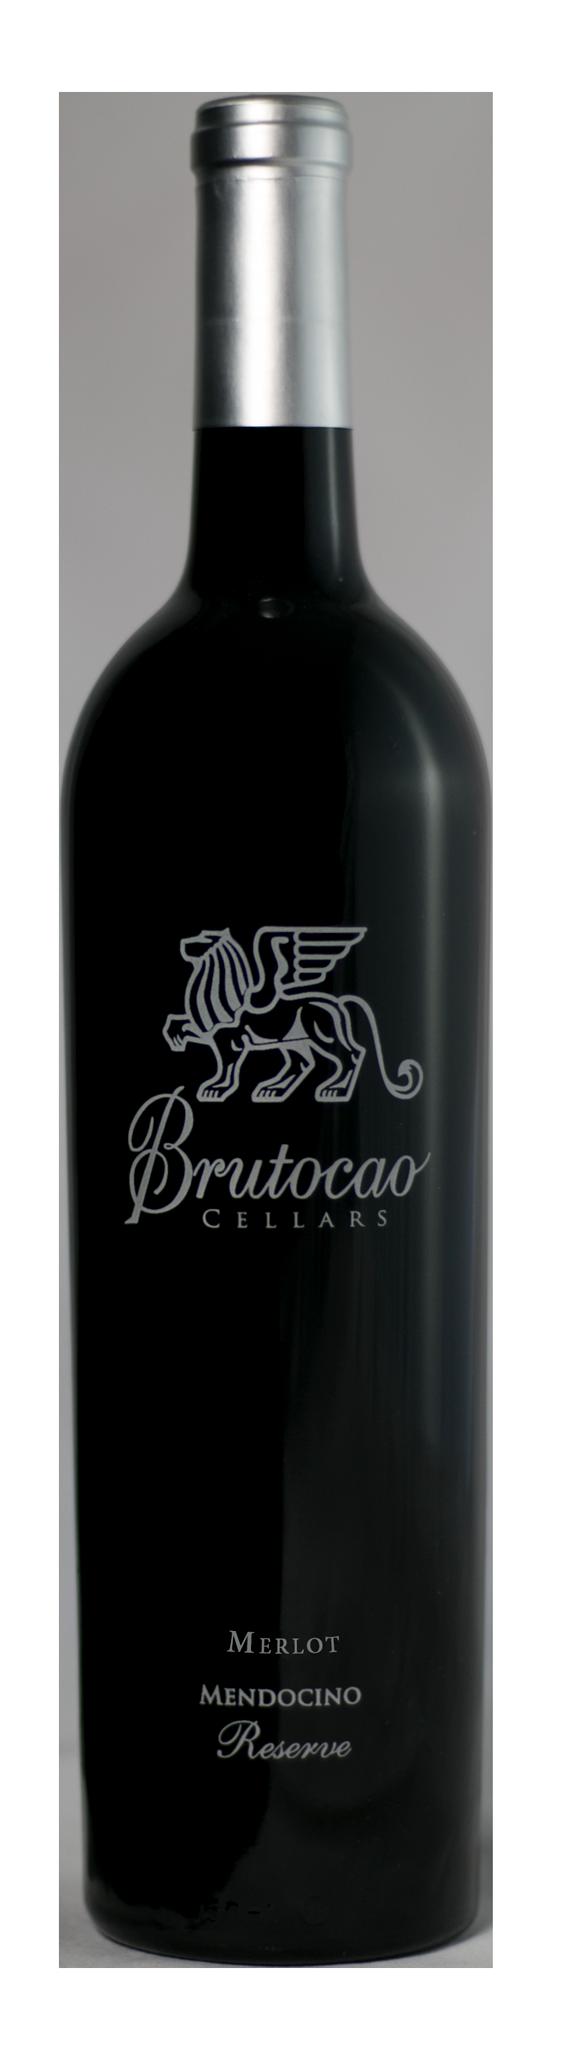 2013 Reserve Merlot, Estate Bottled (750ml)